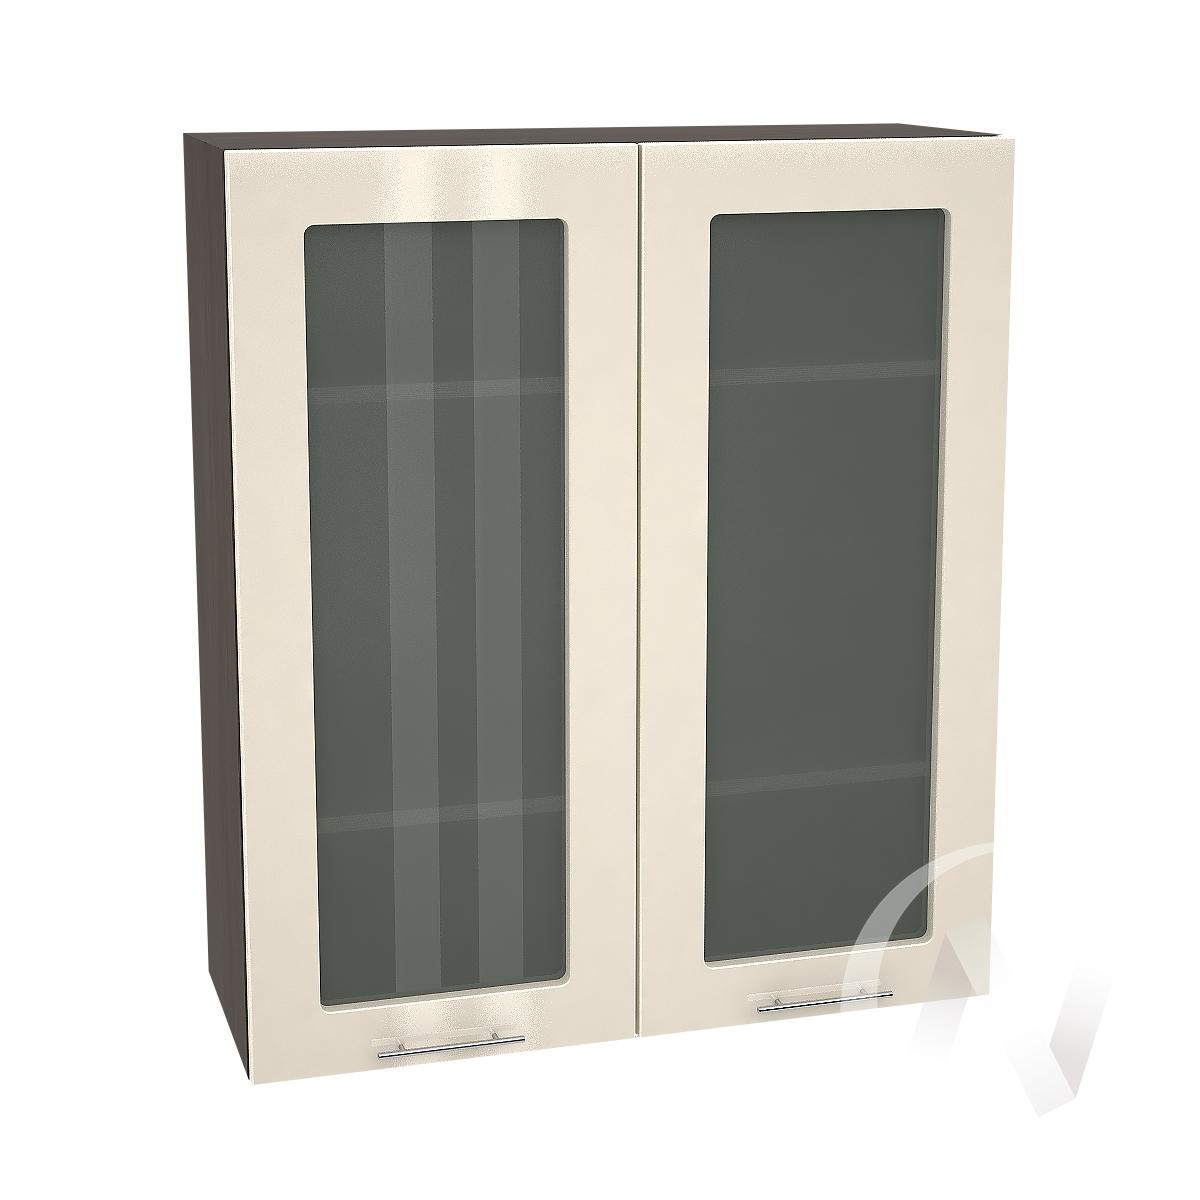 """Кухня """"Валерия-М"""": Шкаф верхний со стеклом 809, ШВС 809 новый (Ваниль глянец/корпус венге)"""